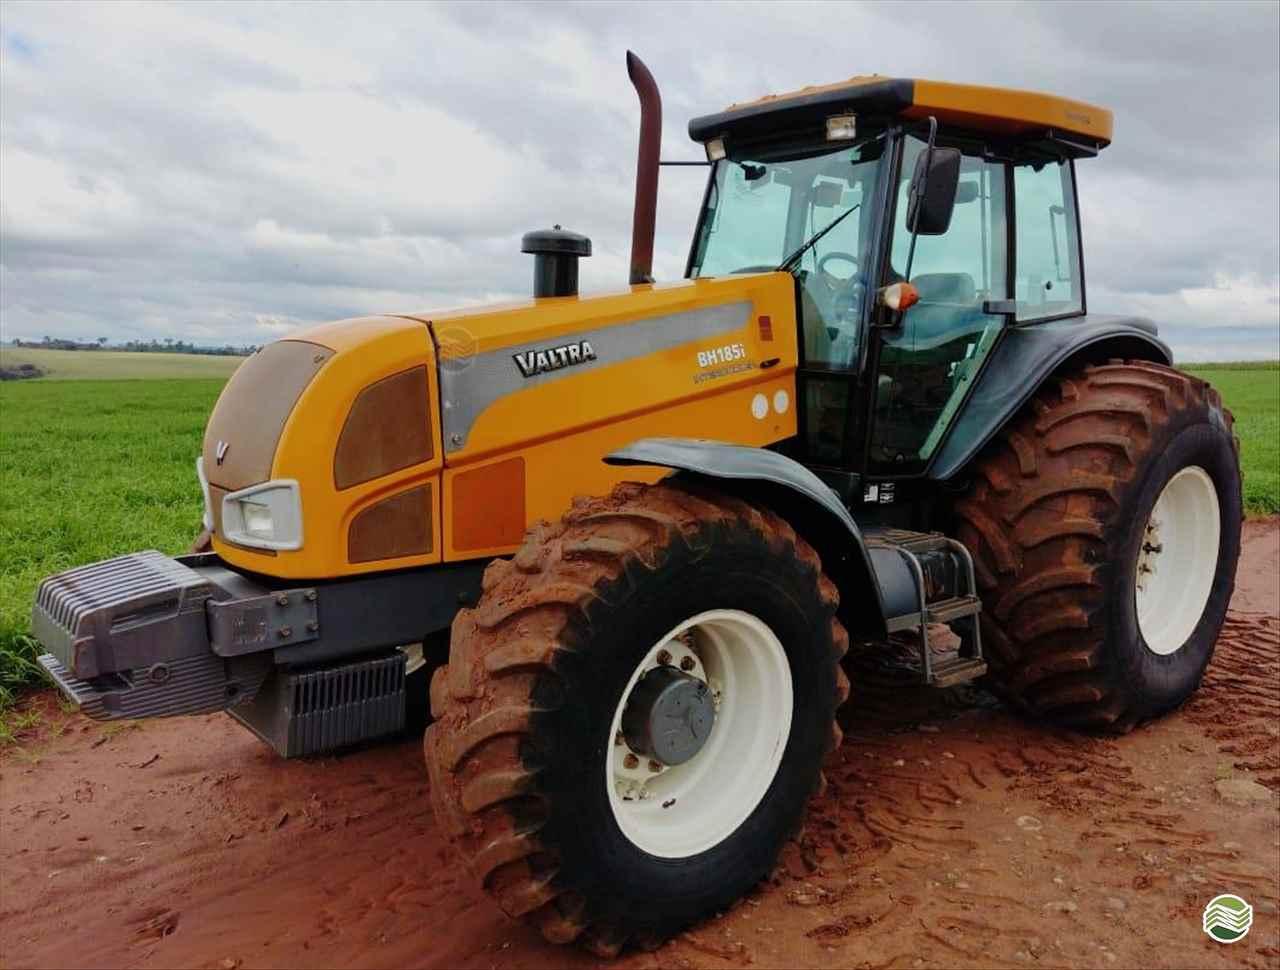 TRATOR VALTRA VALTRA BH 185 Tração 4x4 Máquinas Agrícolas Pitanga PITANGA PARANÁ PR